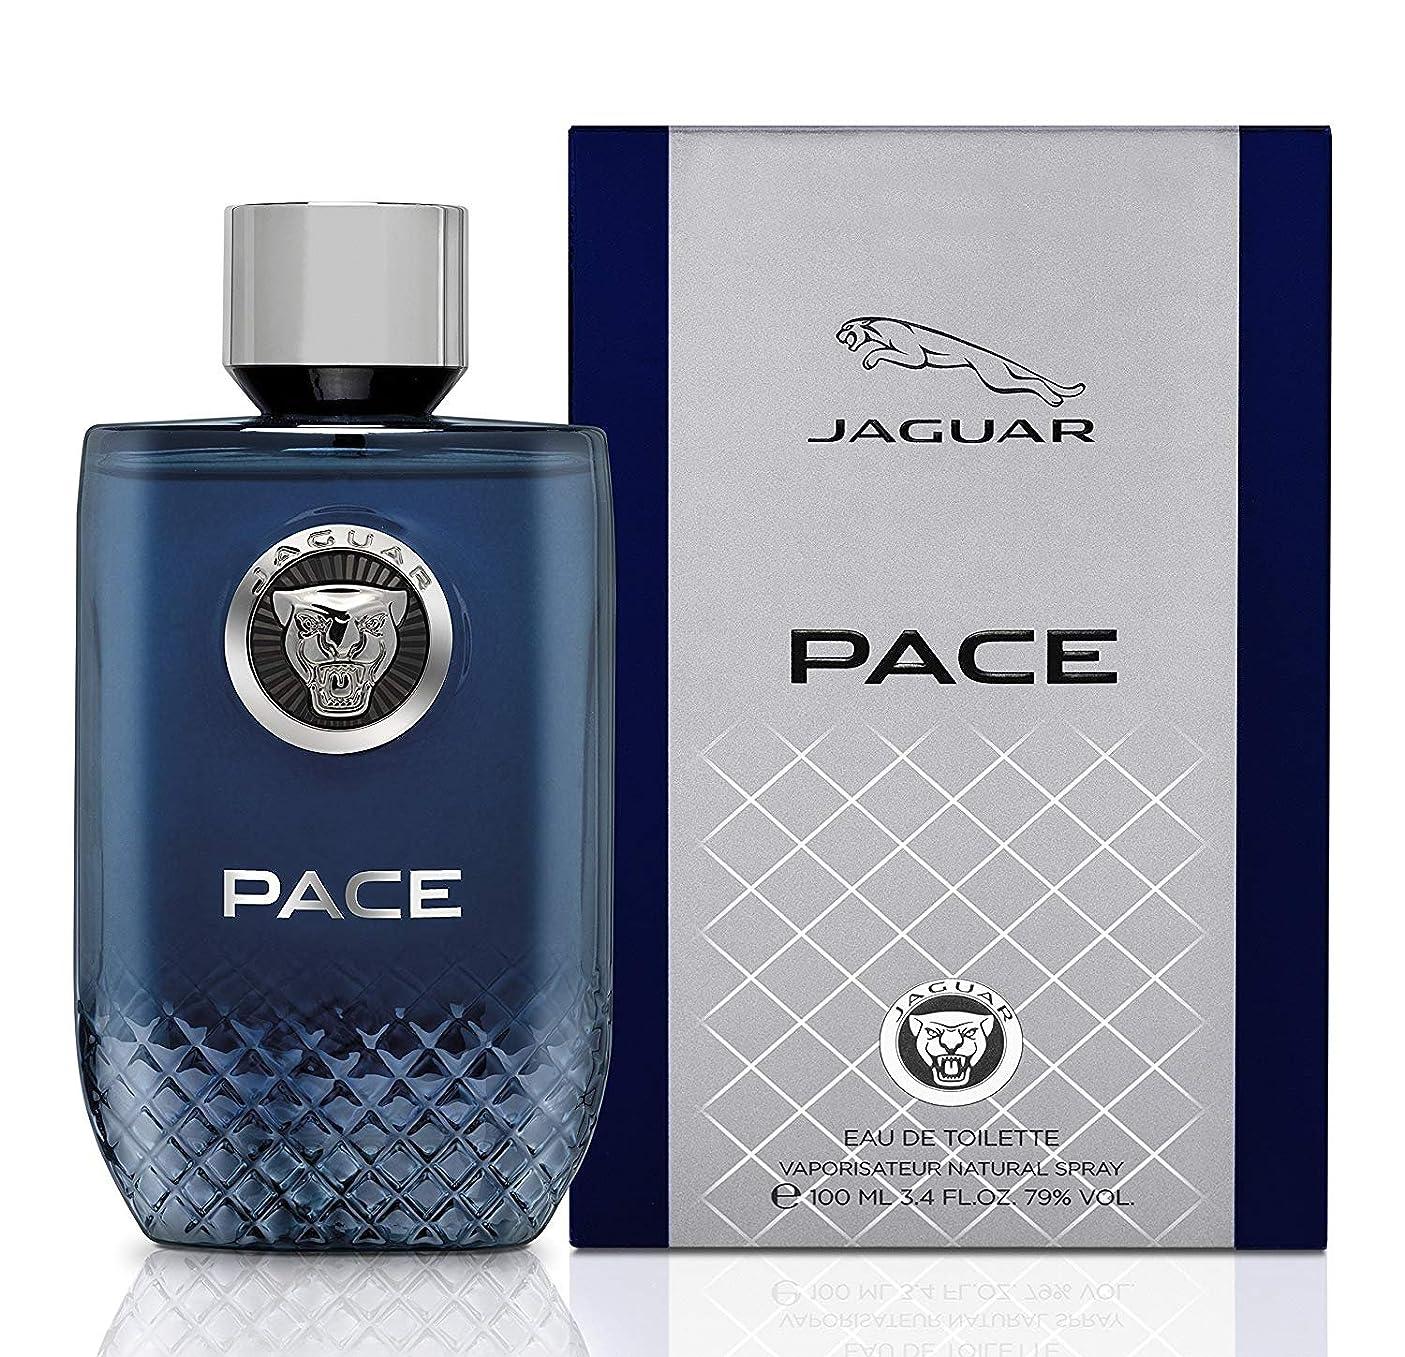 他にアーサージャングル【テスター】 ジャガー JAGUAR ペース スプレー オードトワレ EDT SP 100ml 香水 フレグランス メンズ